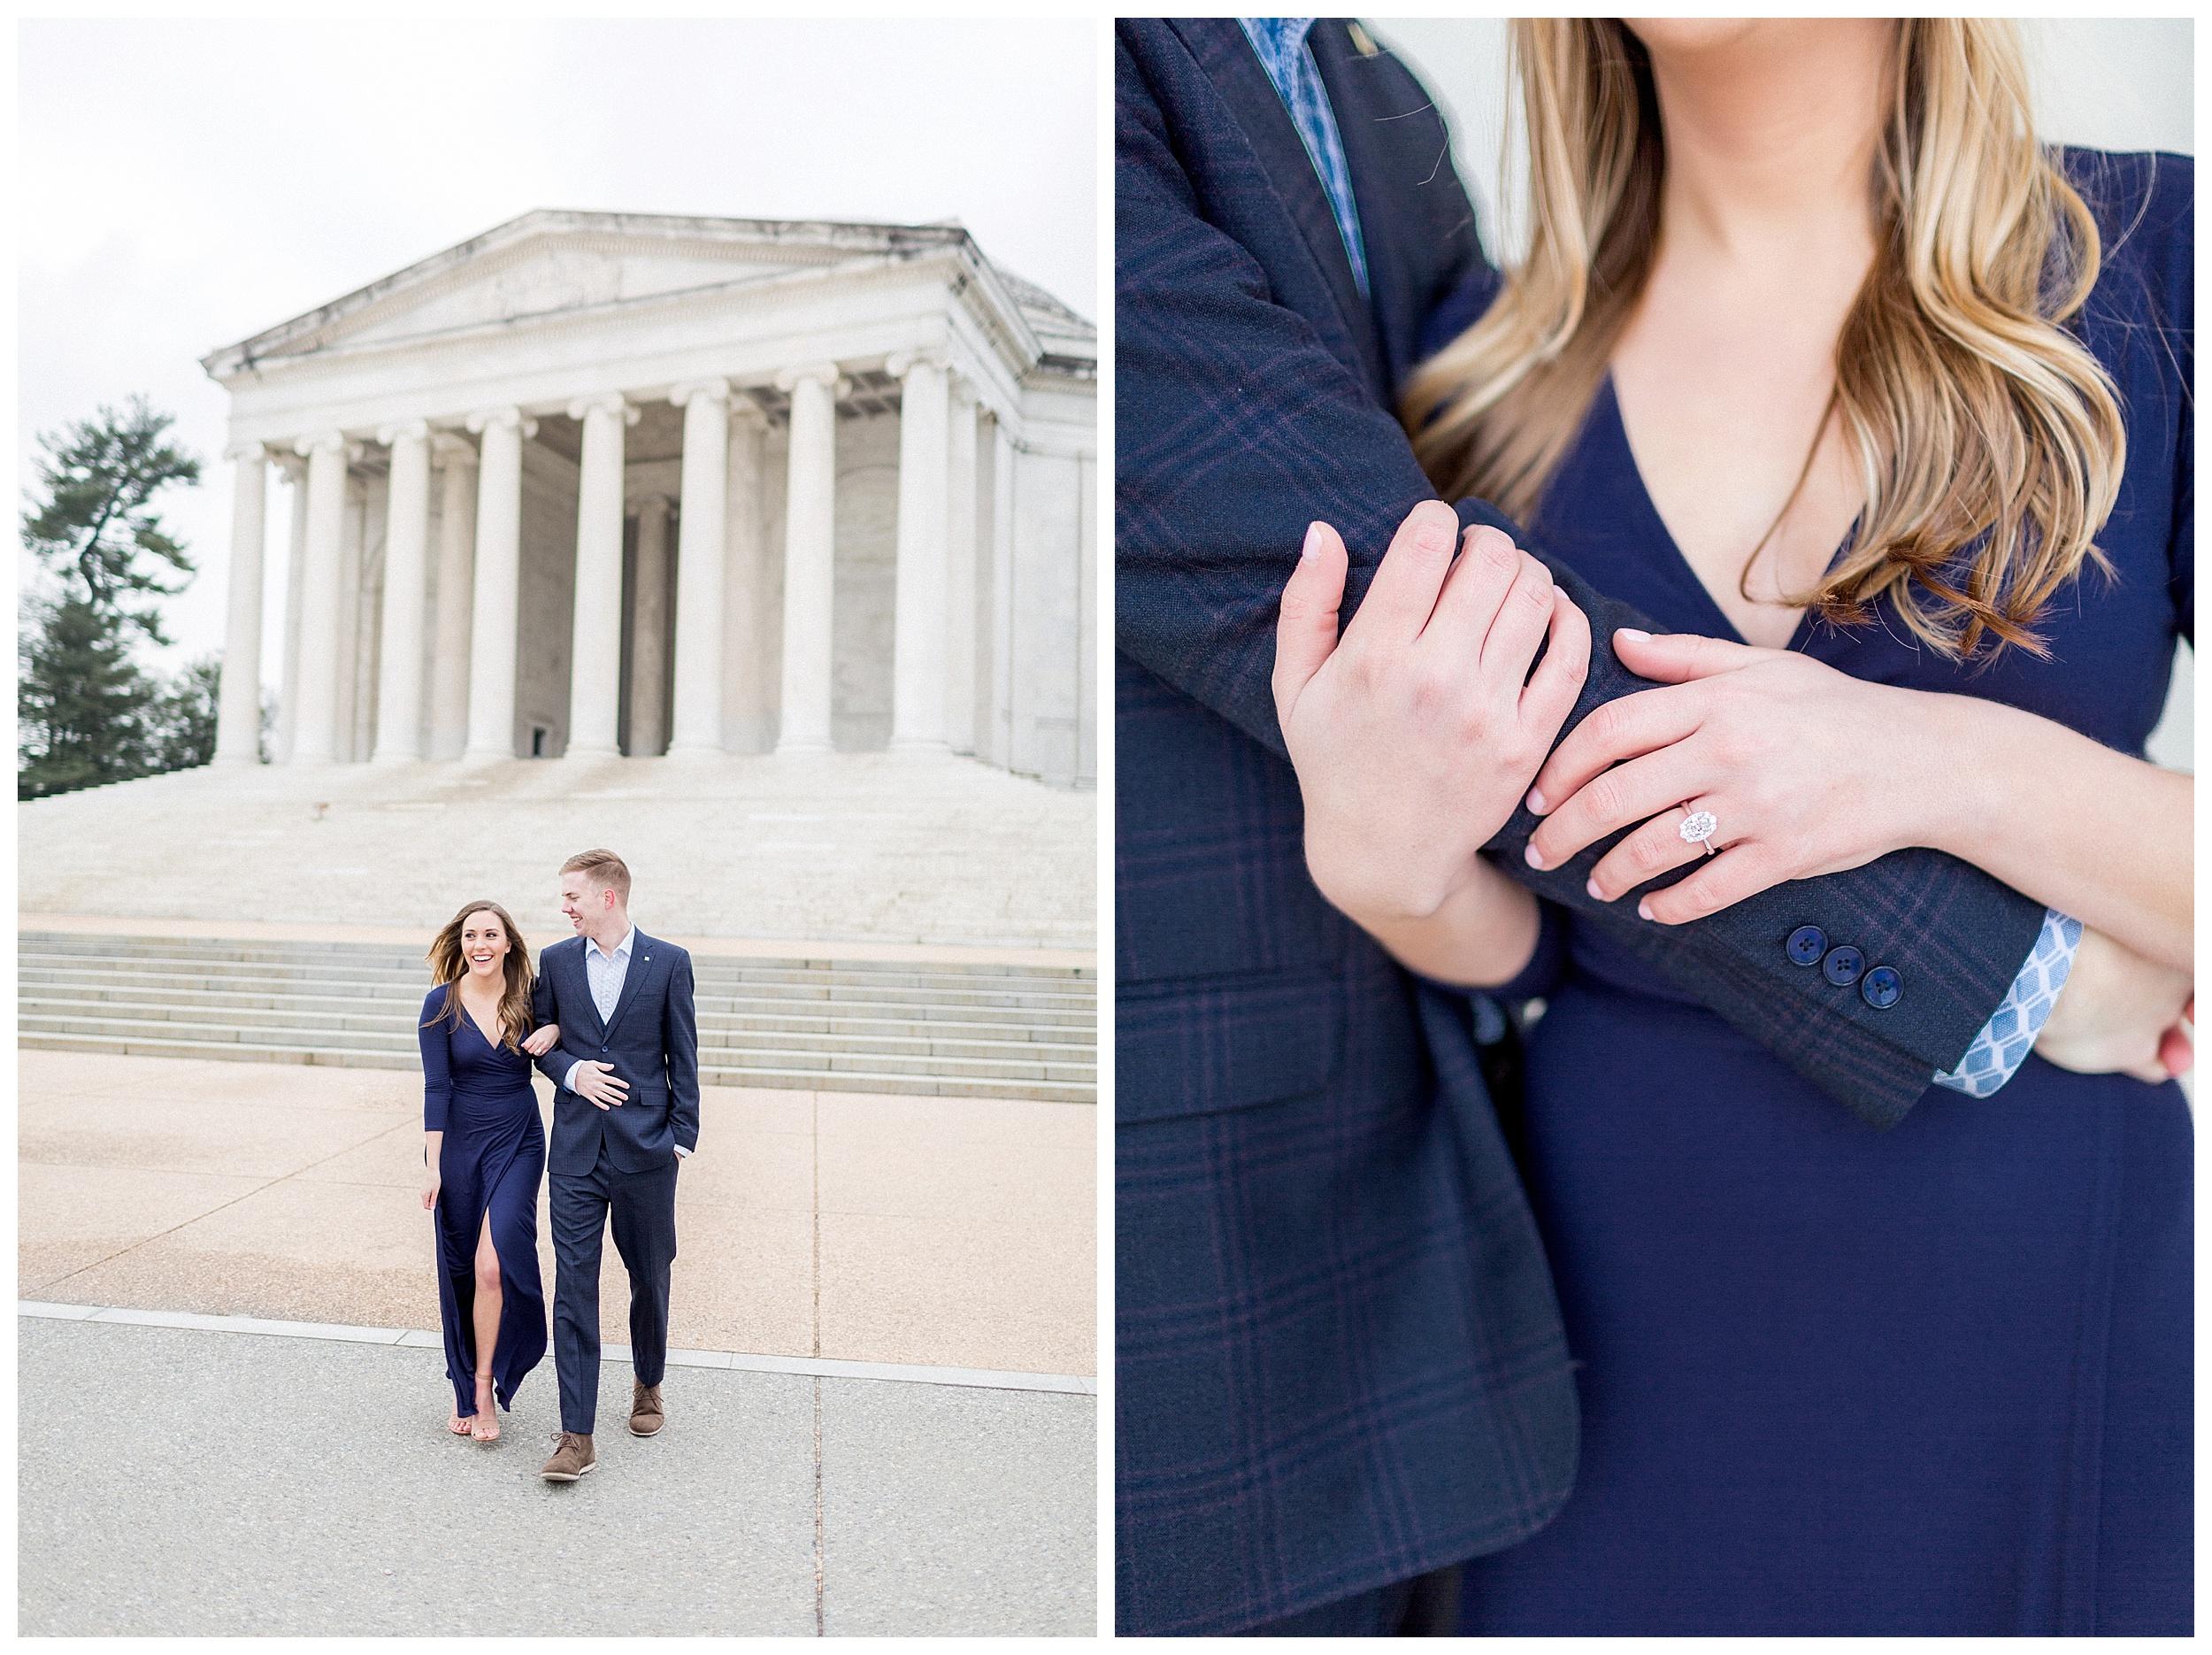 Washingon DC Engagement Photos | Jefferson Memorial Engagement | Kir Tuben_0018.jpg